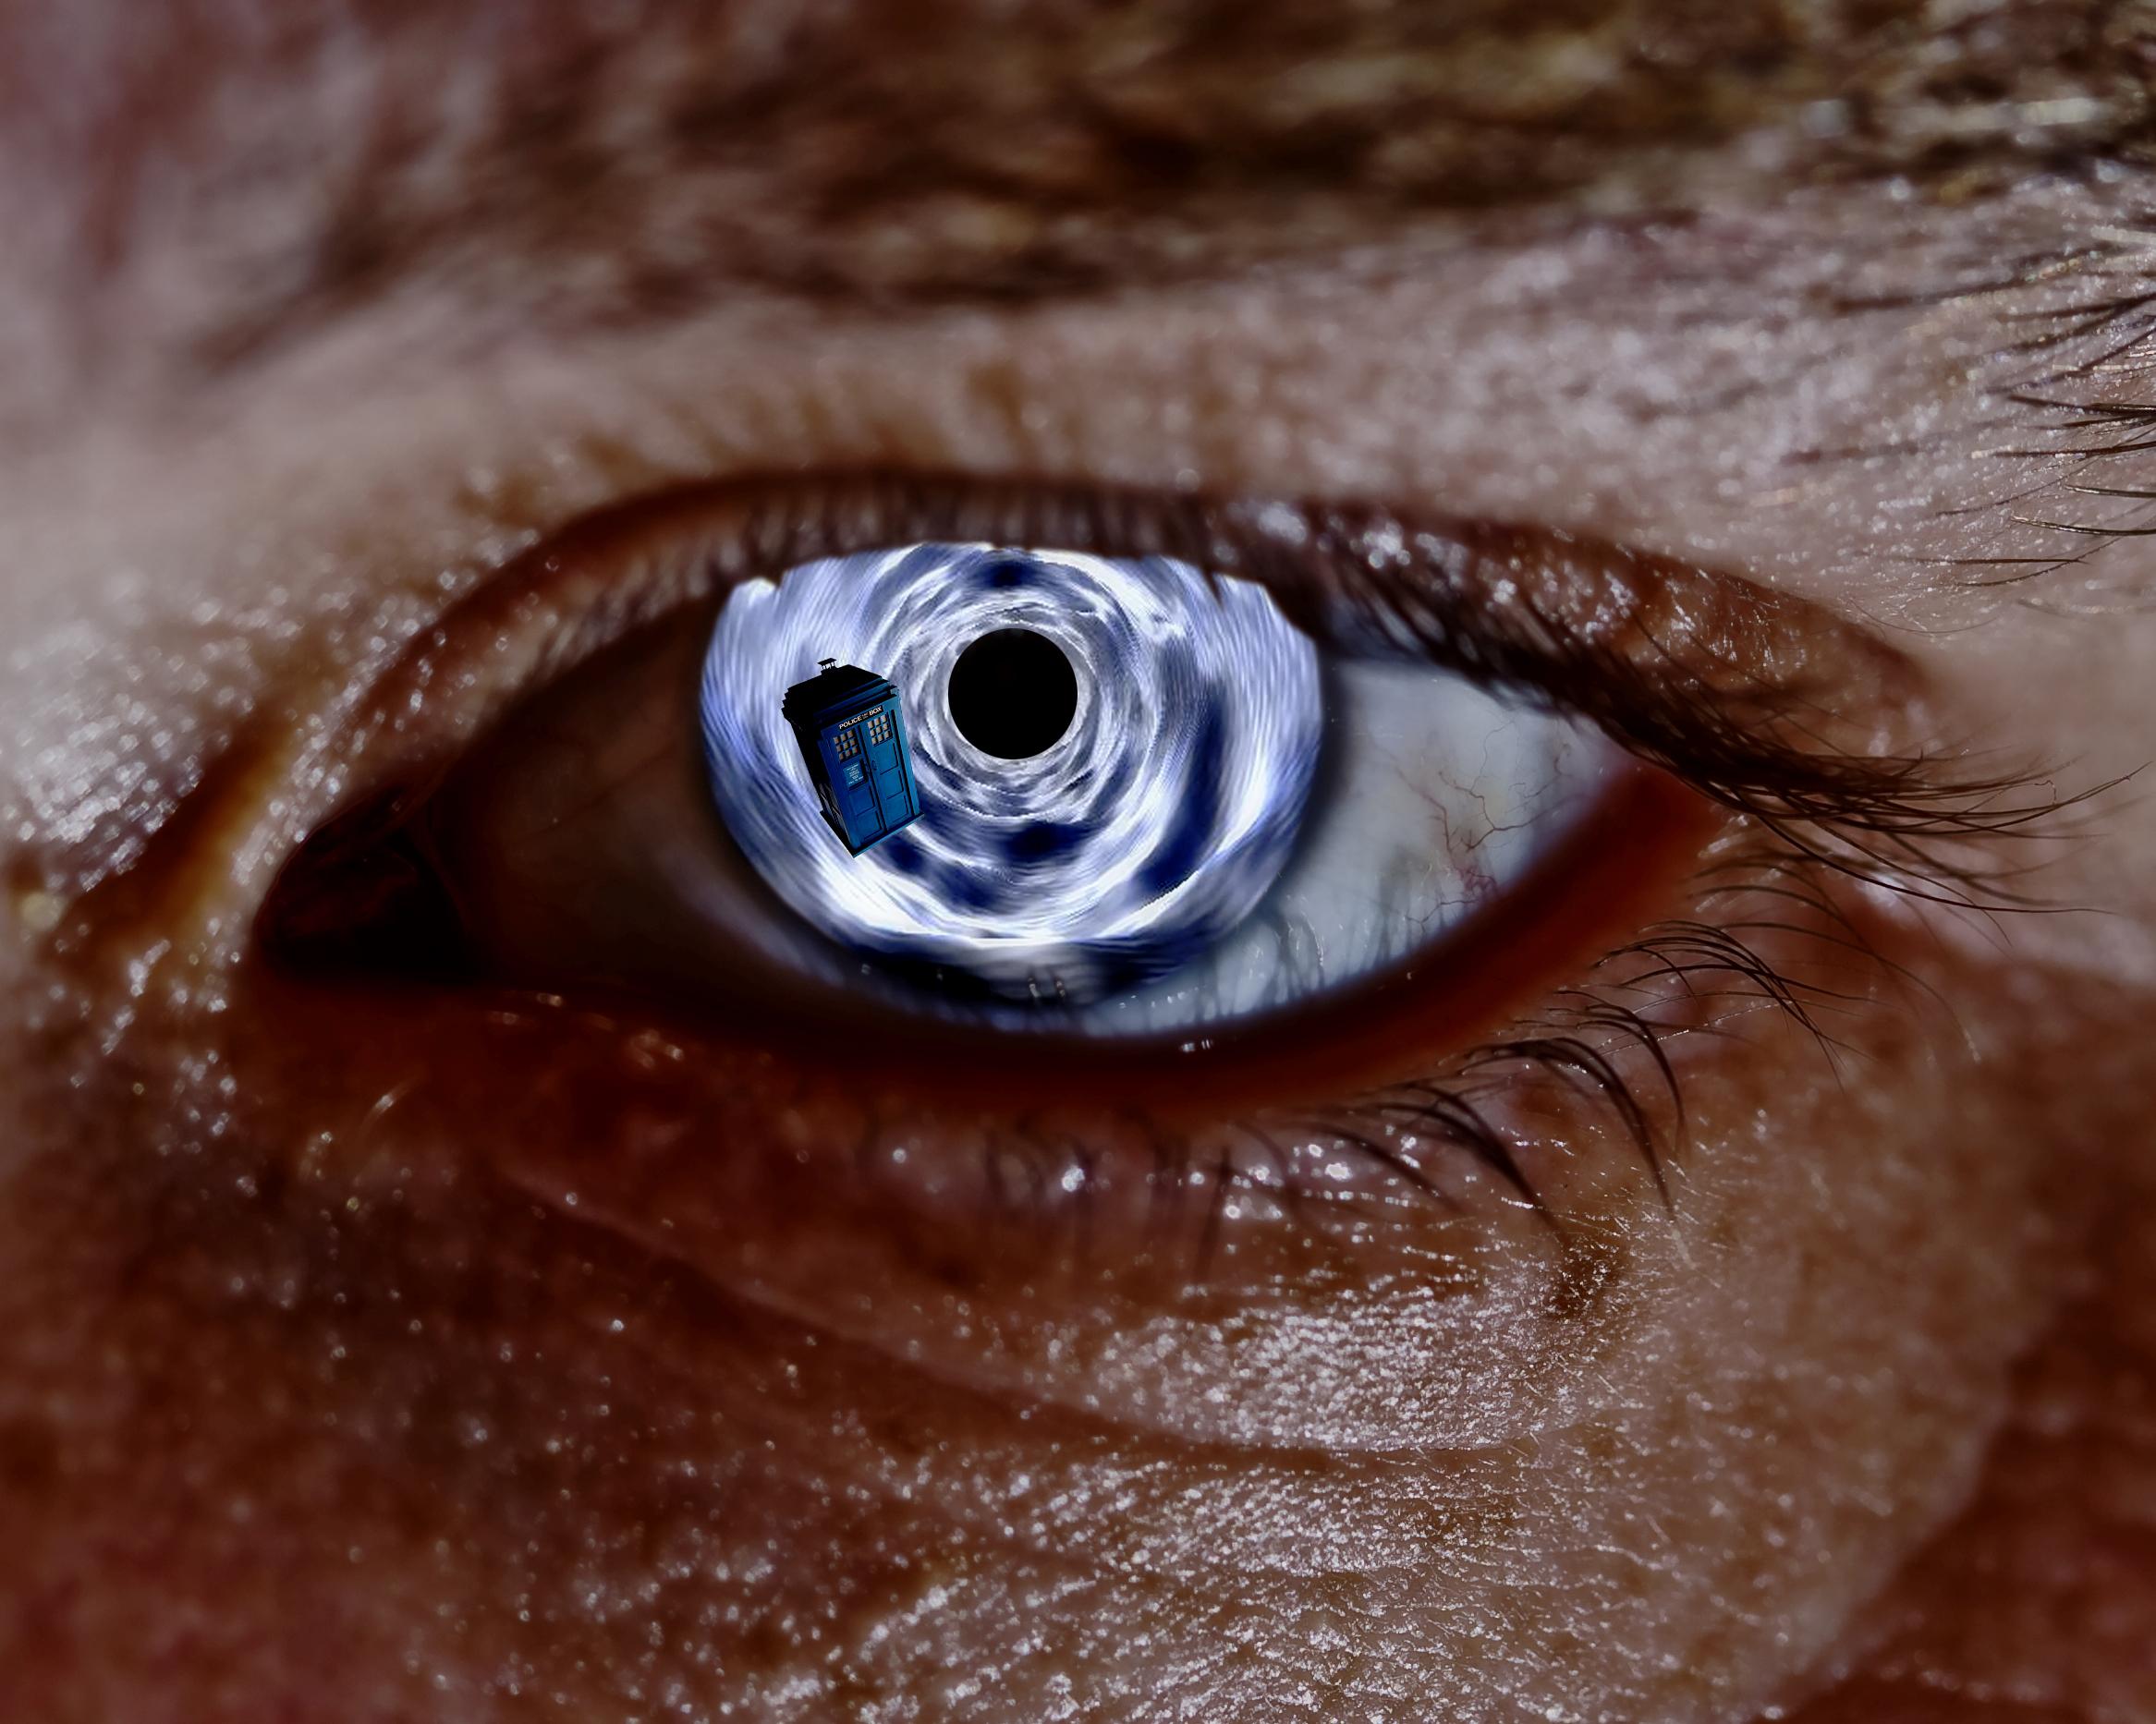 картинки вода глазами человека конкурсе может